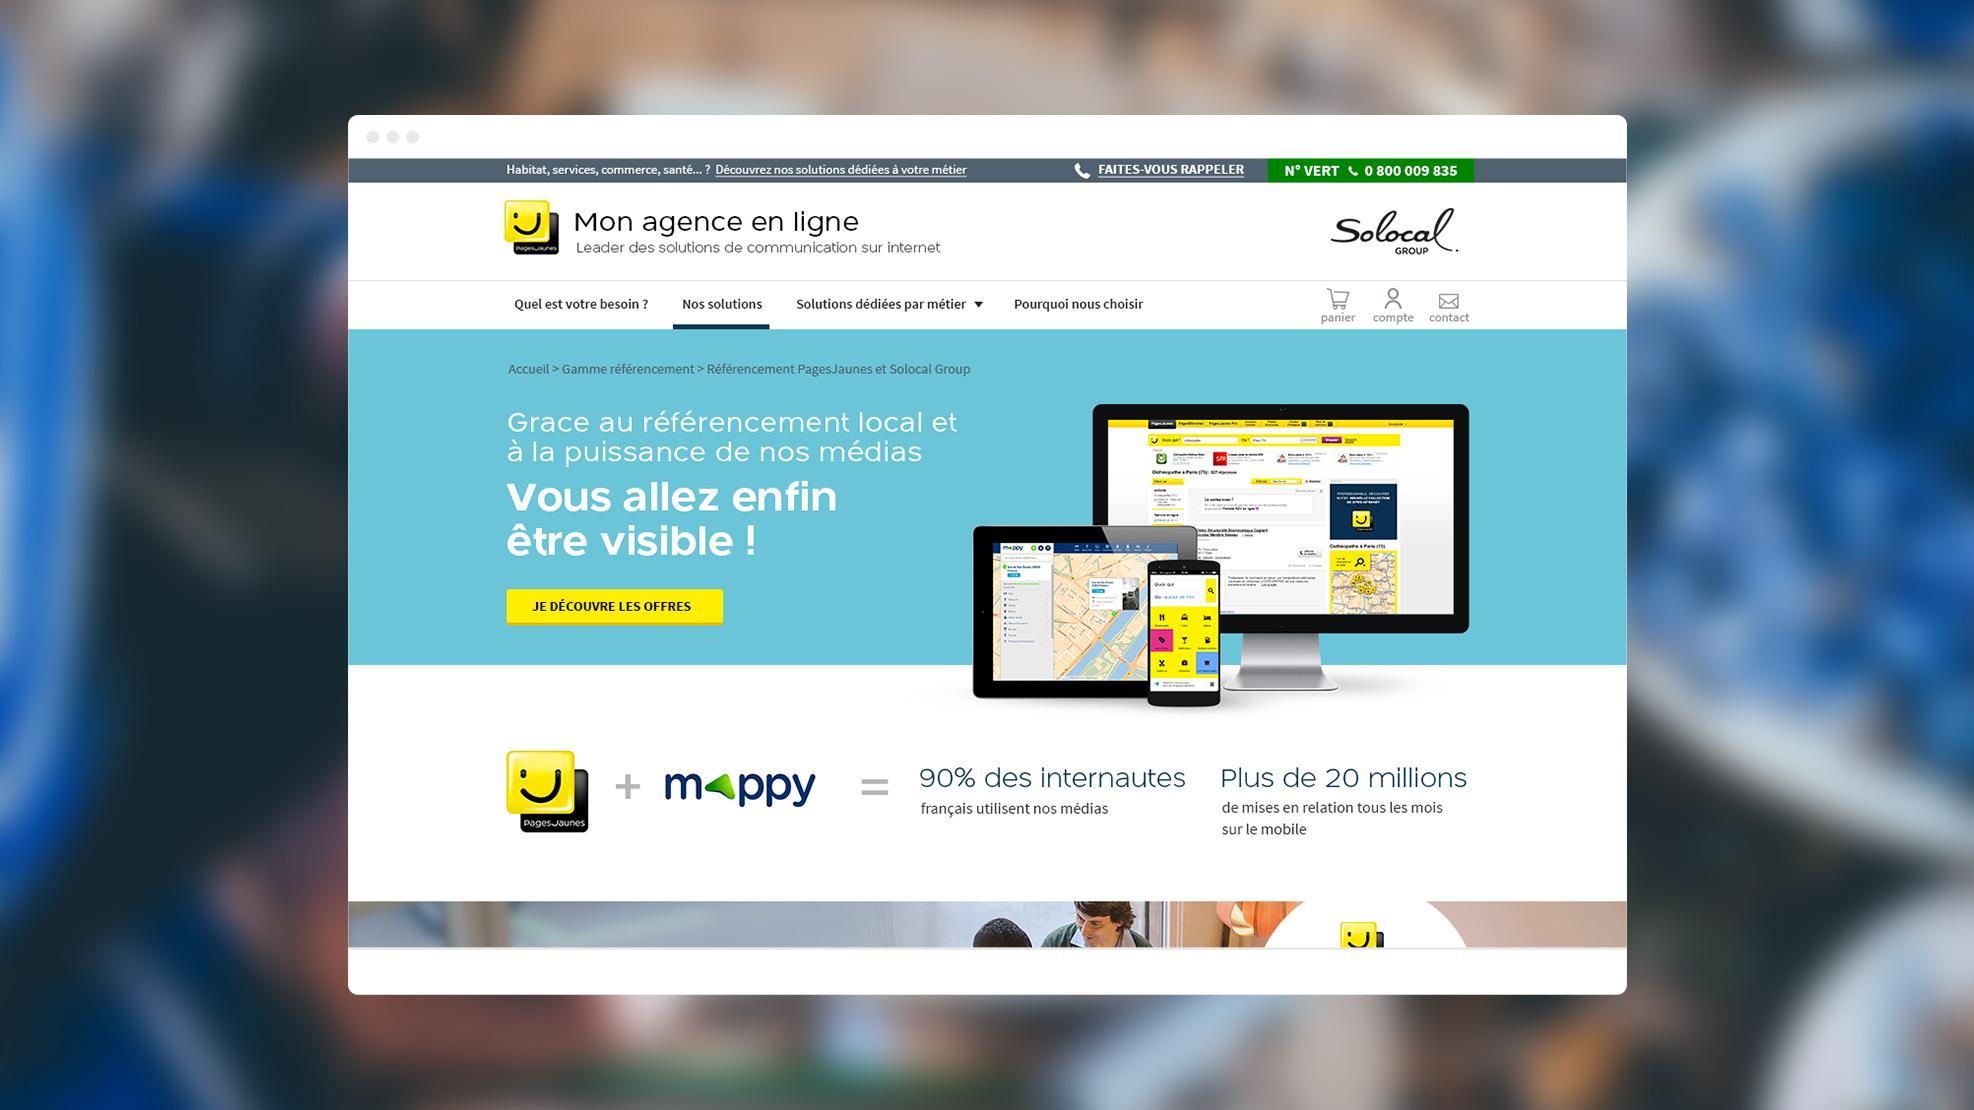 Capture d'écran du site Mon agence en Ligne de Pages Jaunes ( Solocal)